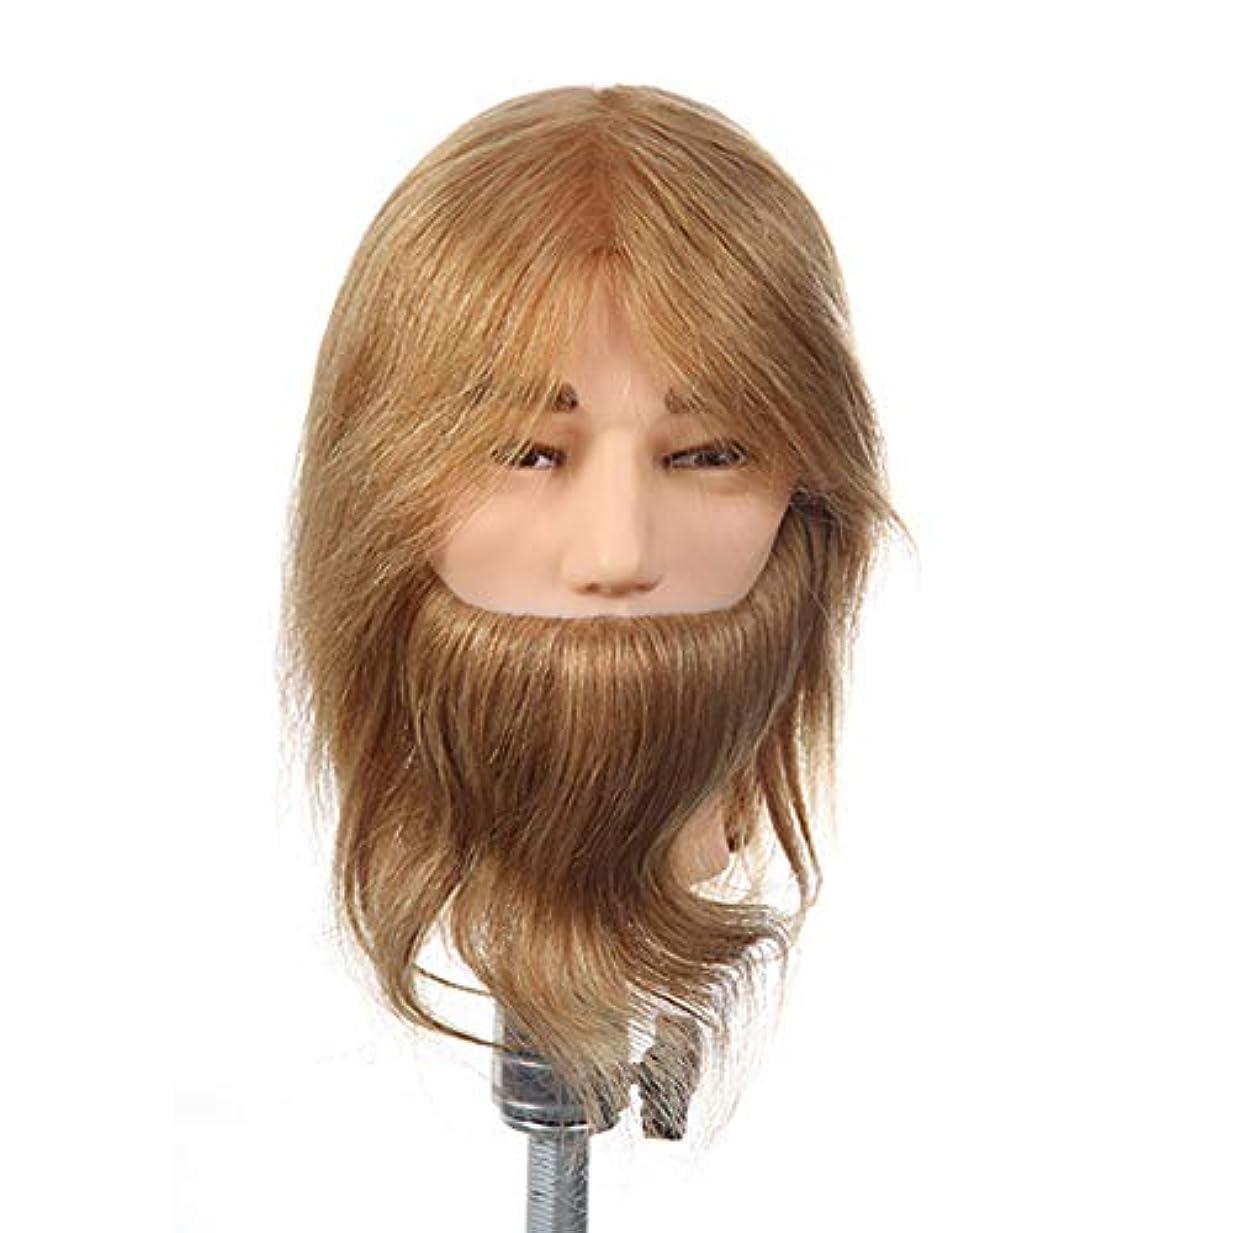 セント結婚したメルボルン本物のヘア男性化粧ダミーヘッドヘアサロン学習パーマ染めトリミング髪あごひげマネキンヘッド付き口ひげ指導ヘッド